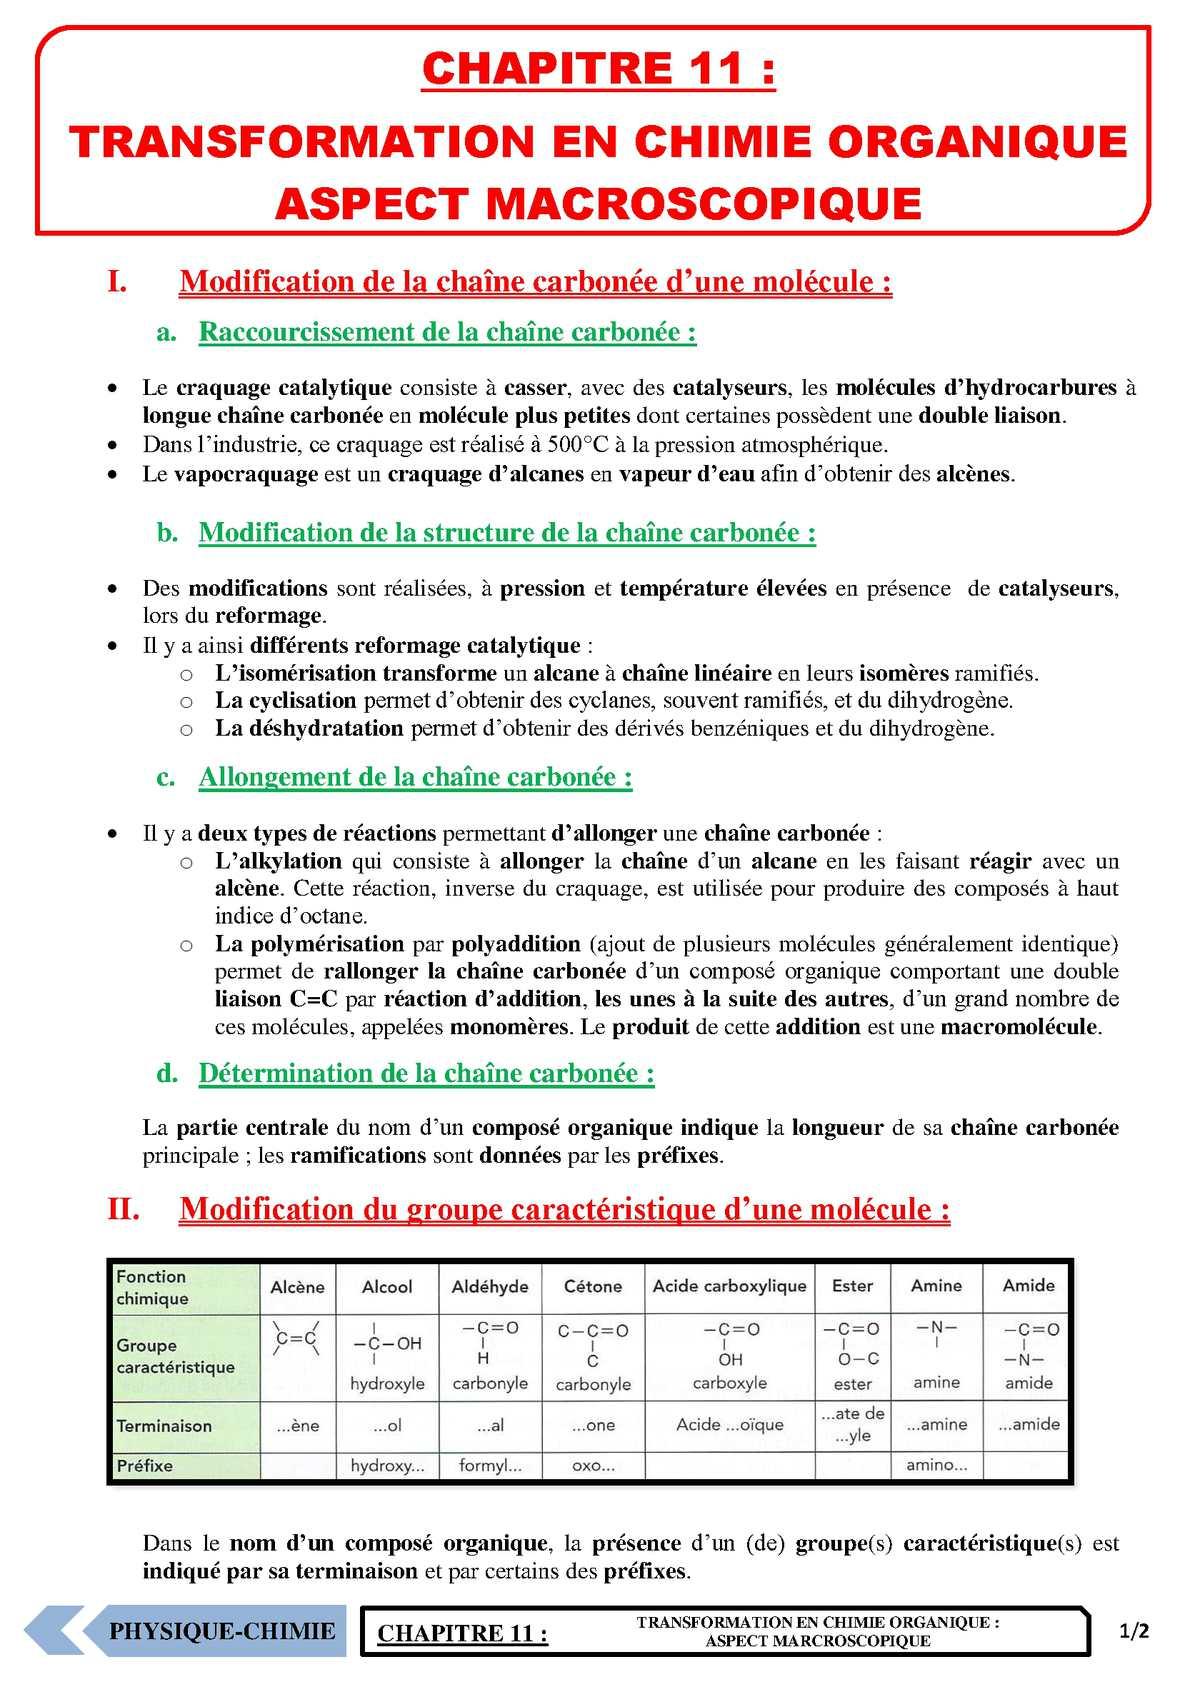 TS - PHYSIQUE/CHIMIE – Chapitre 11 | JéSky.fr